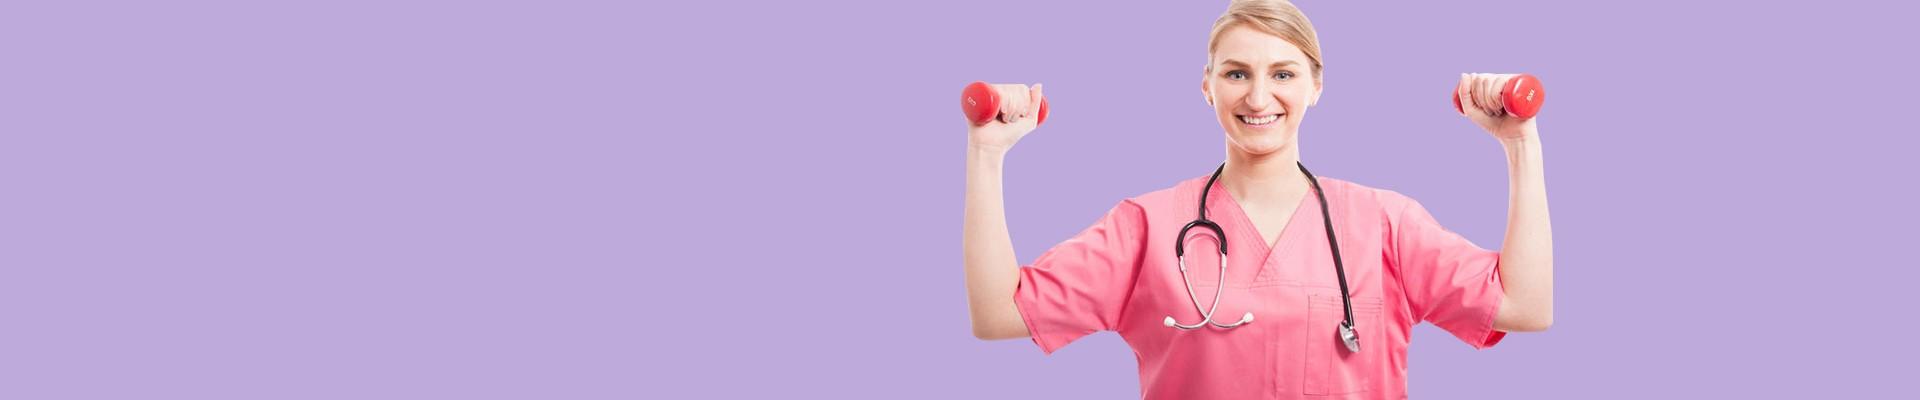 Kesehatan Wanita Lainnya